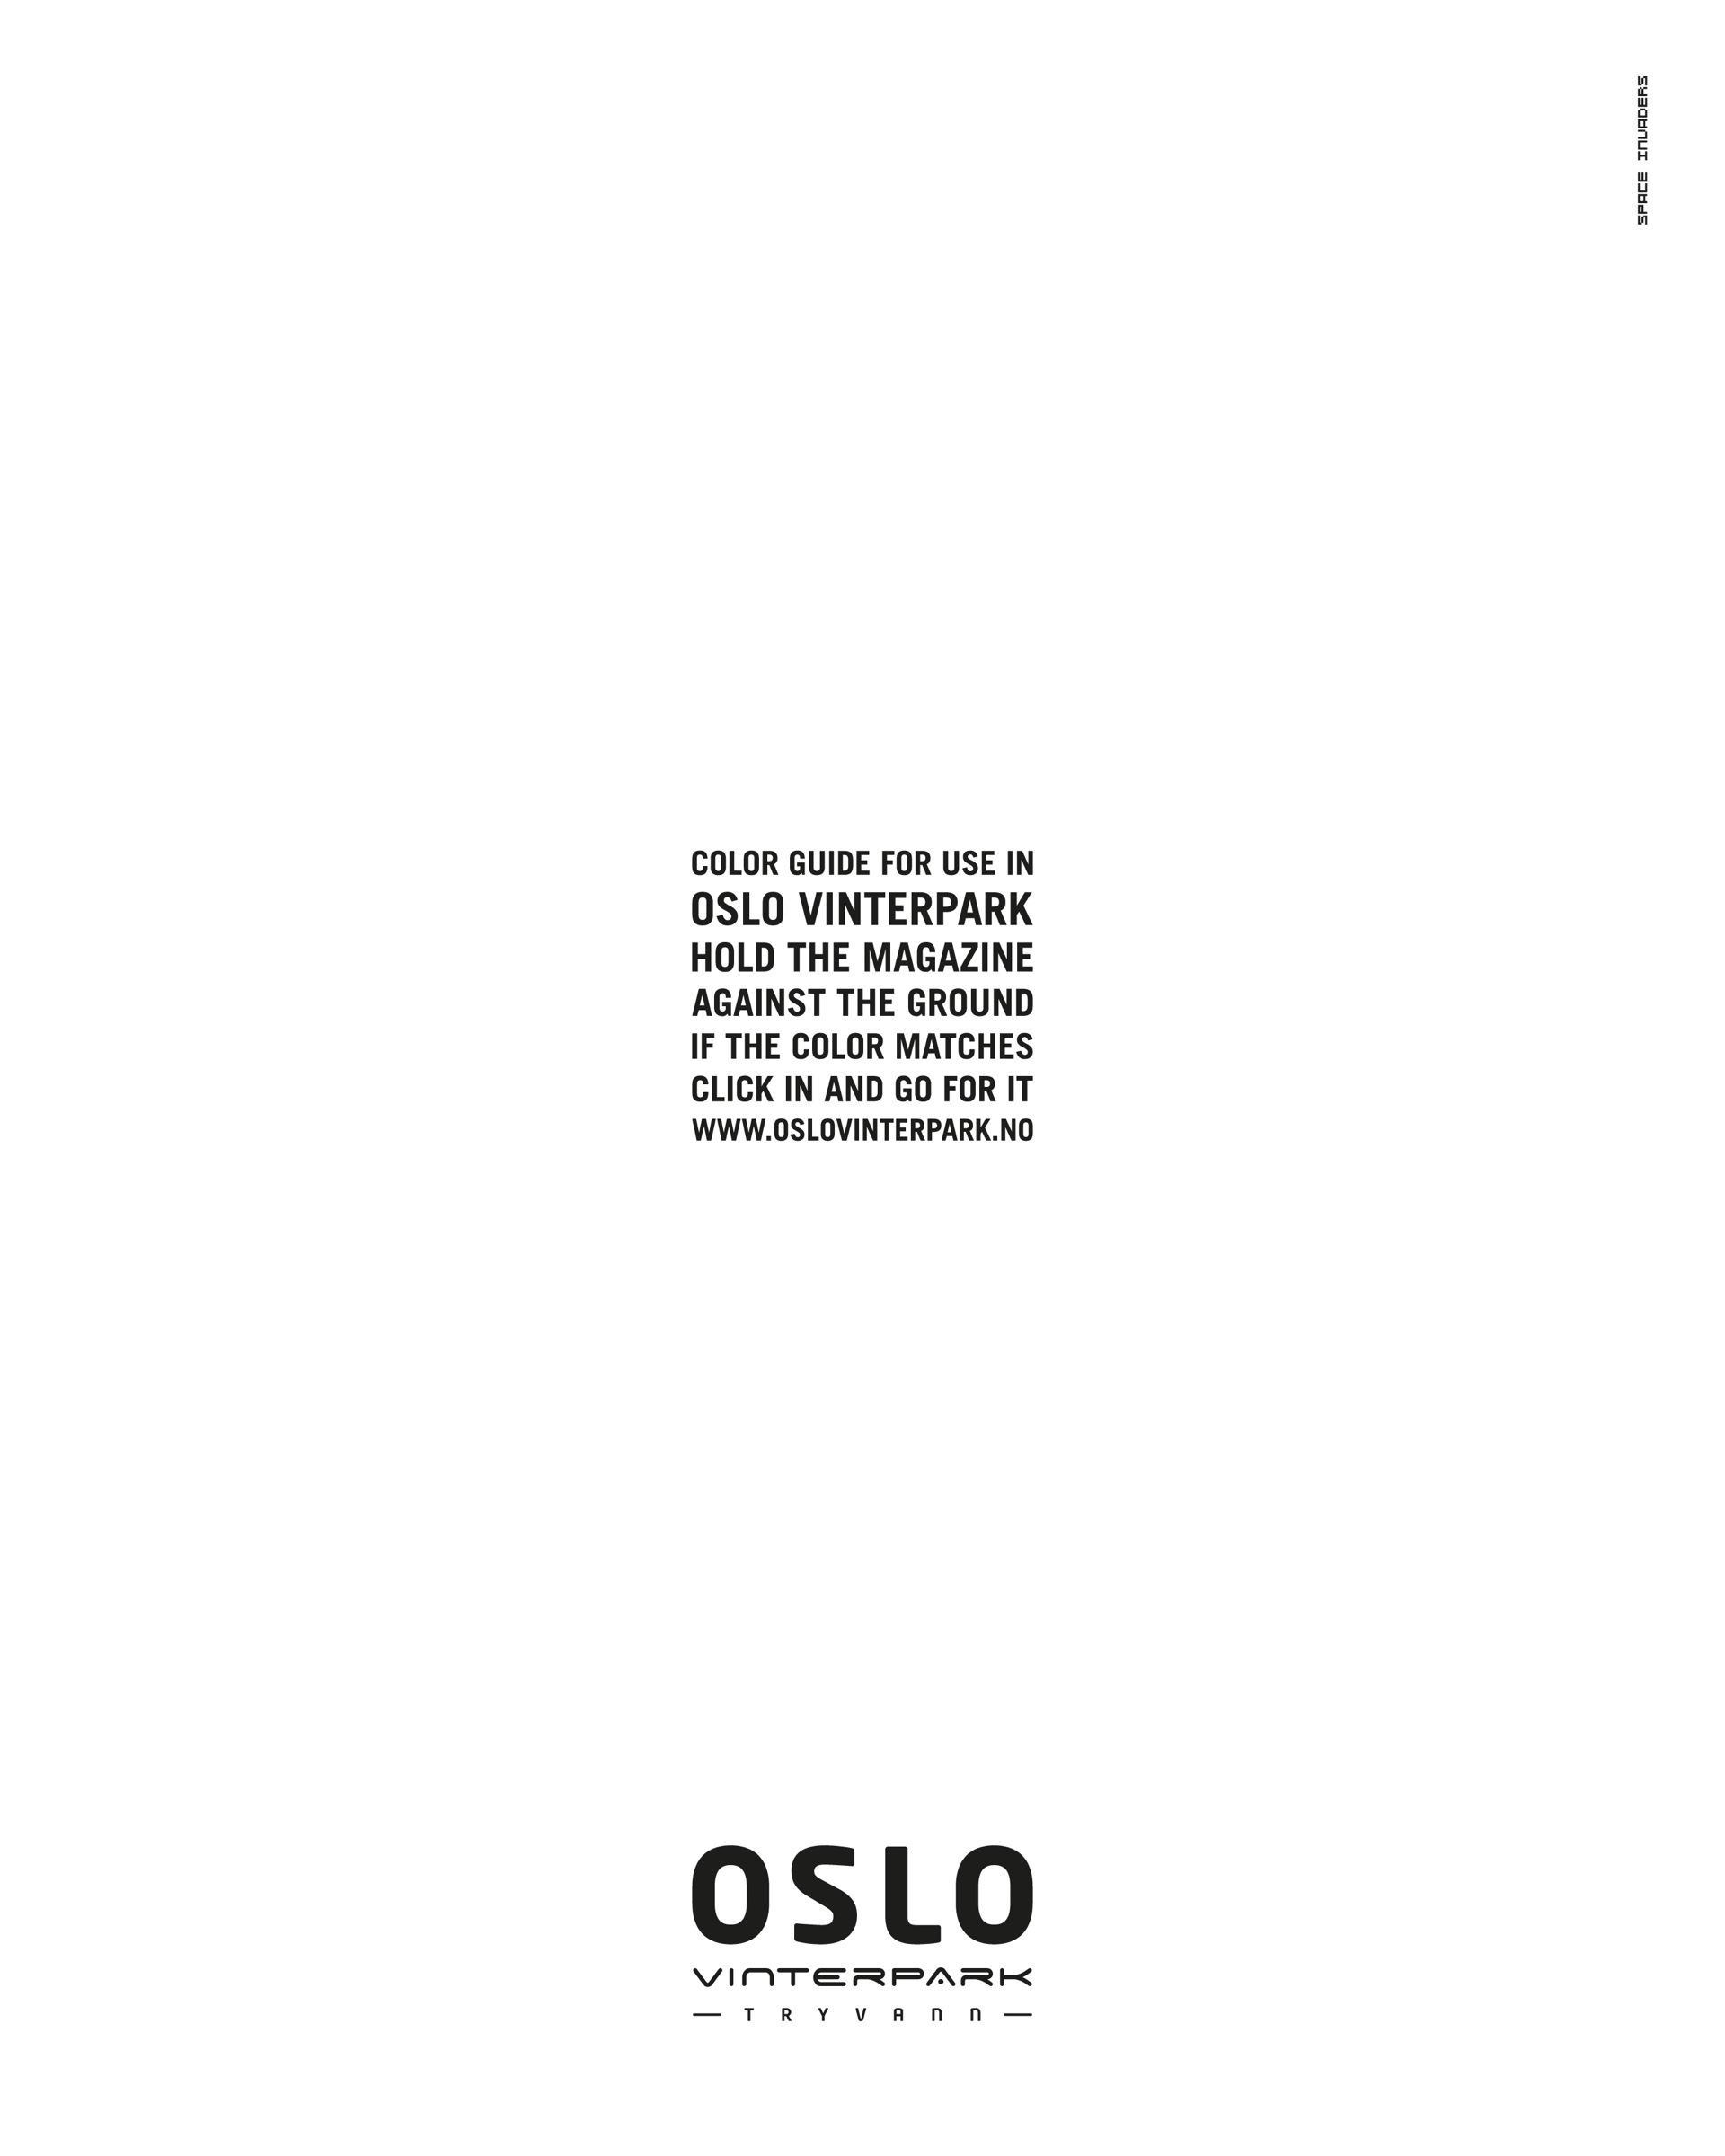 Oslo Vinterpark Print Ad -  Color Guide